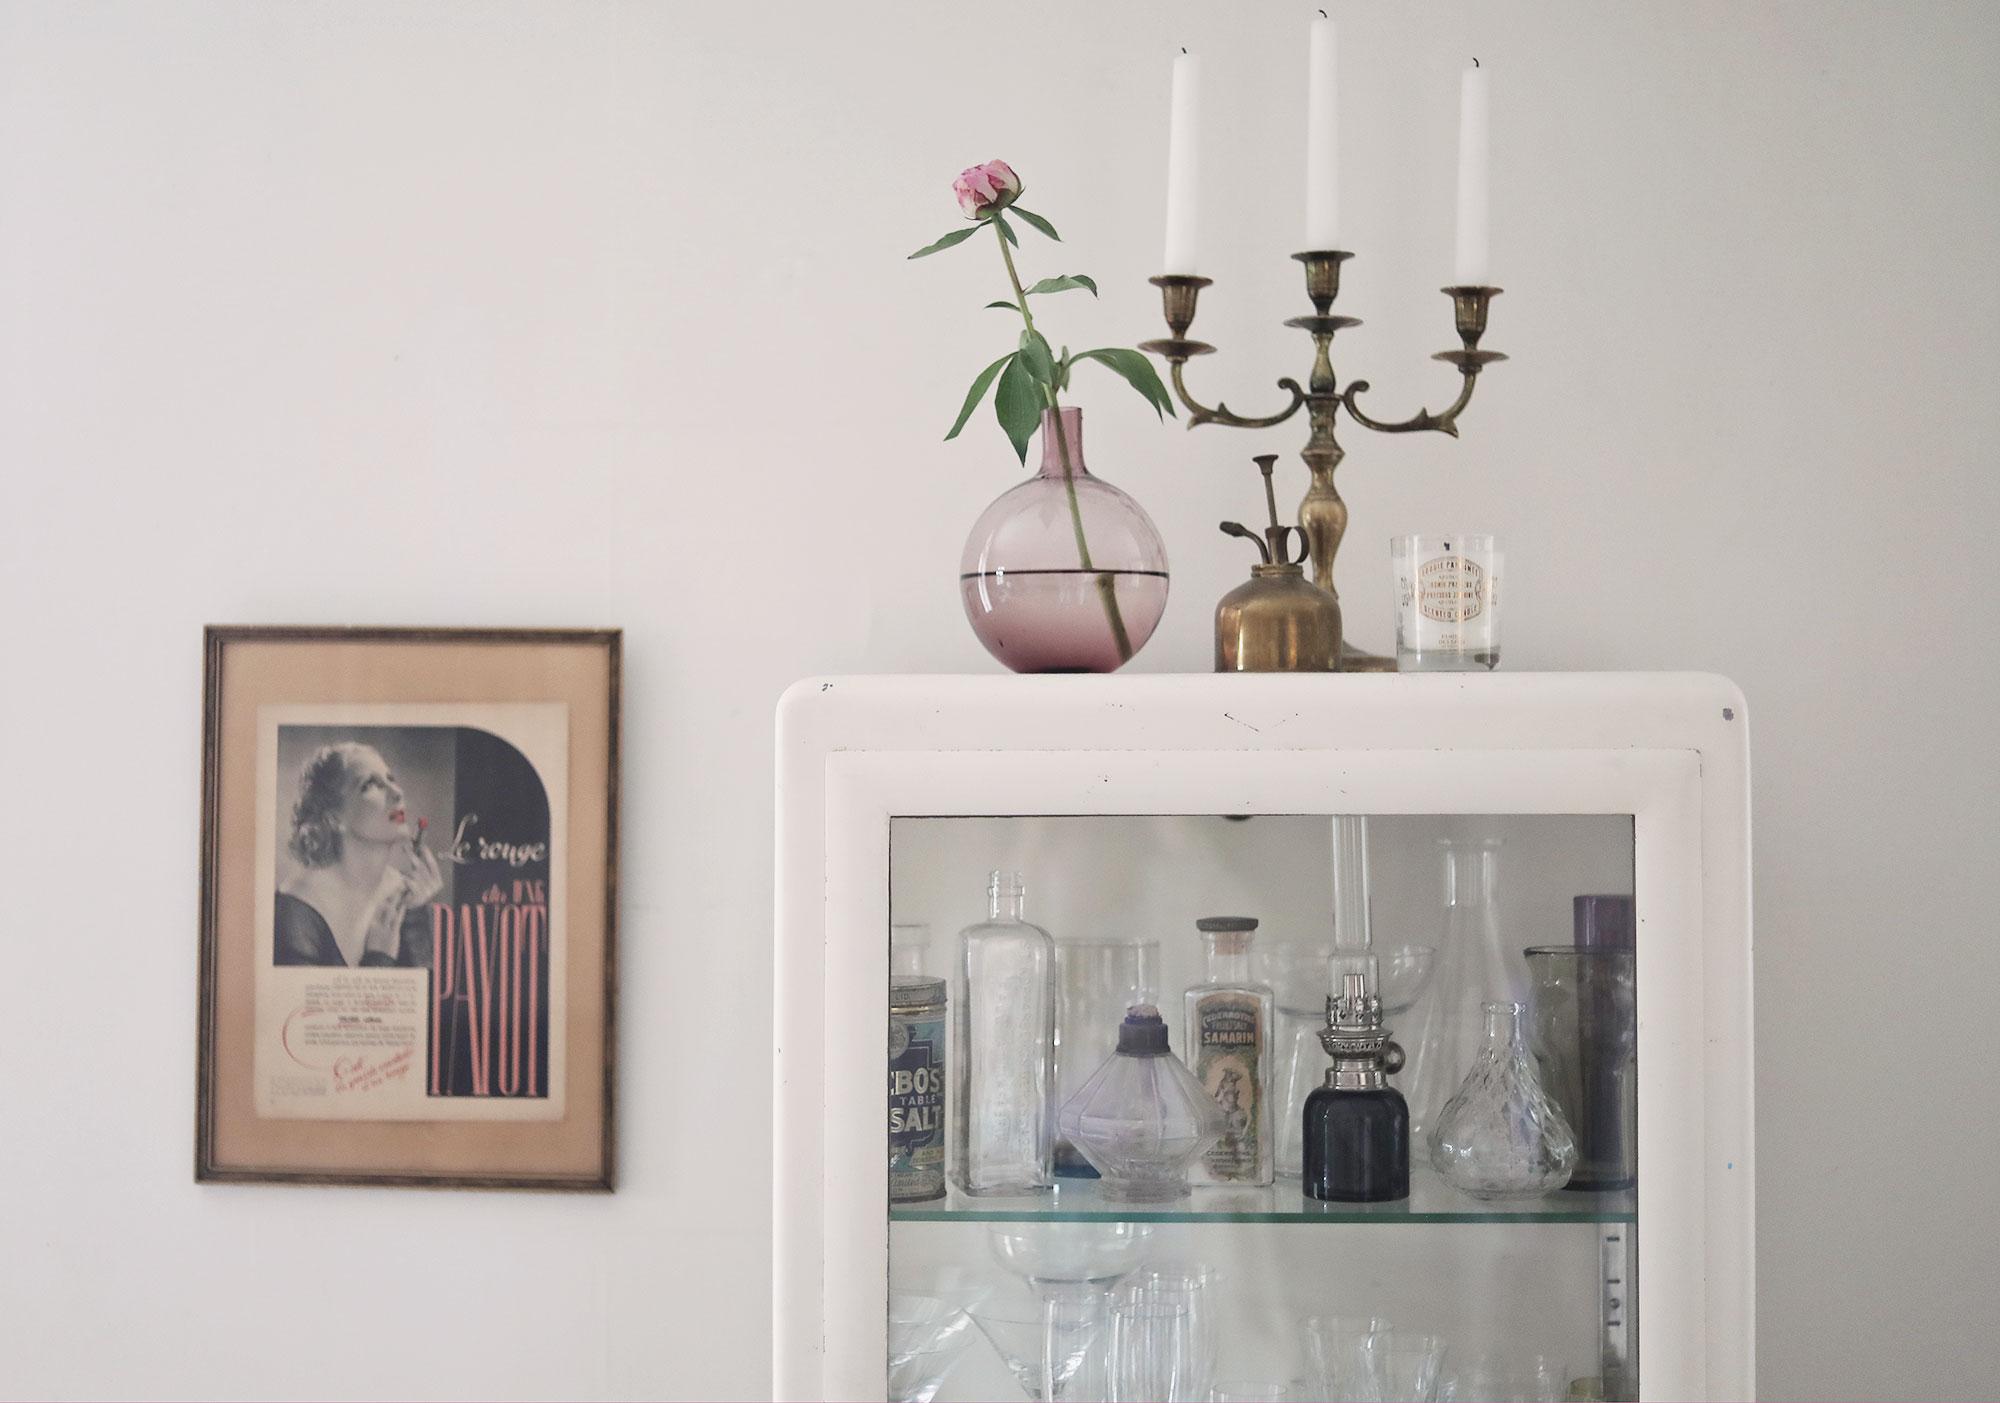 pion läkarskåp inrening blommor vintage vas mässing ljusstake